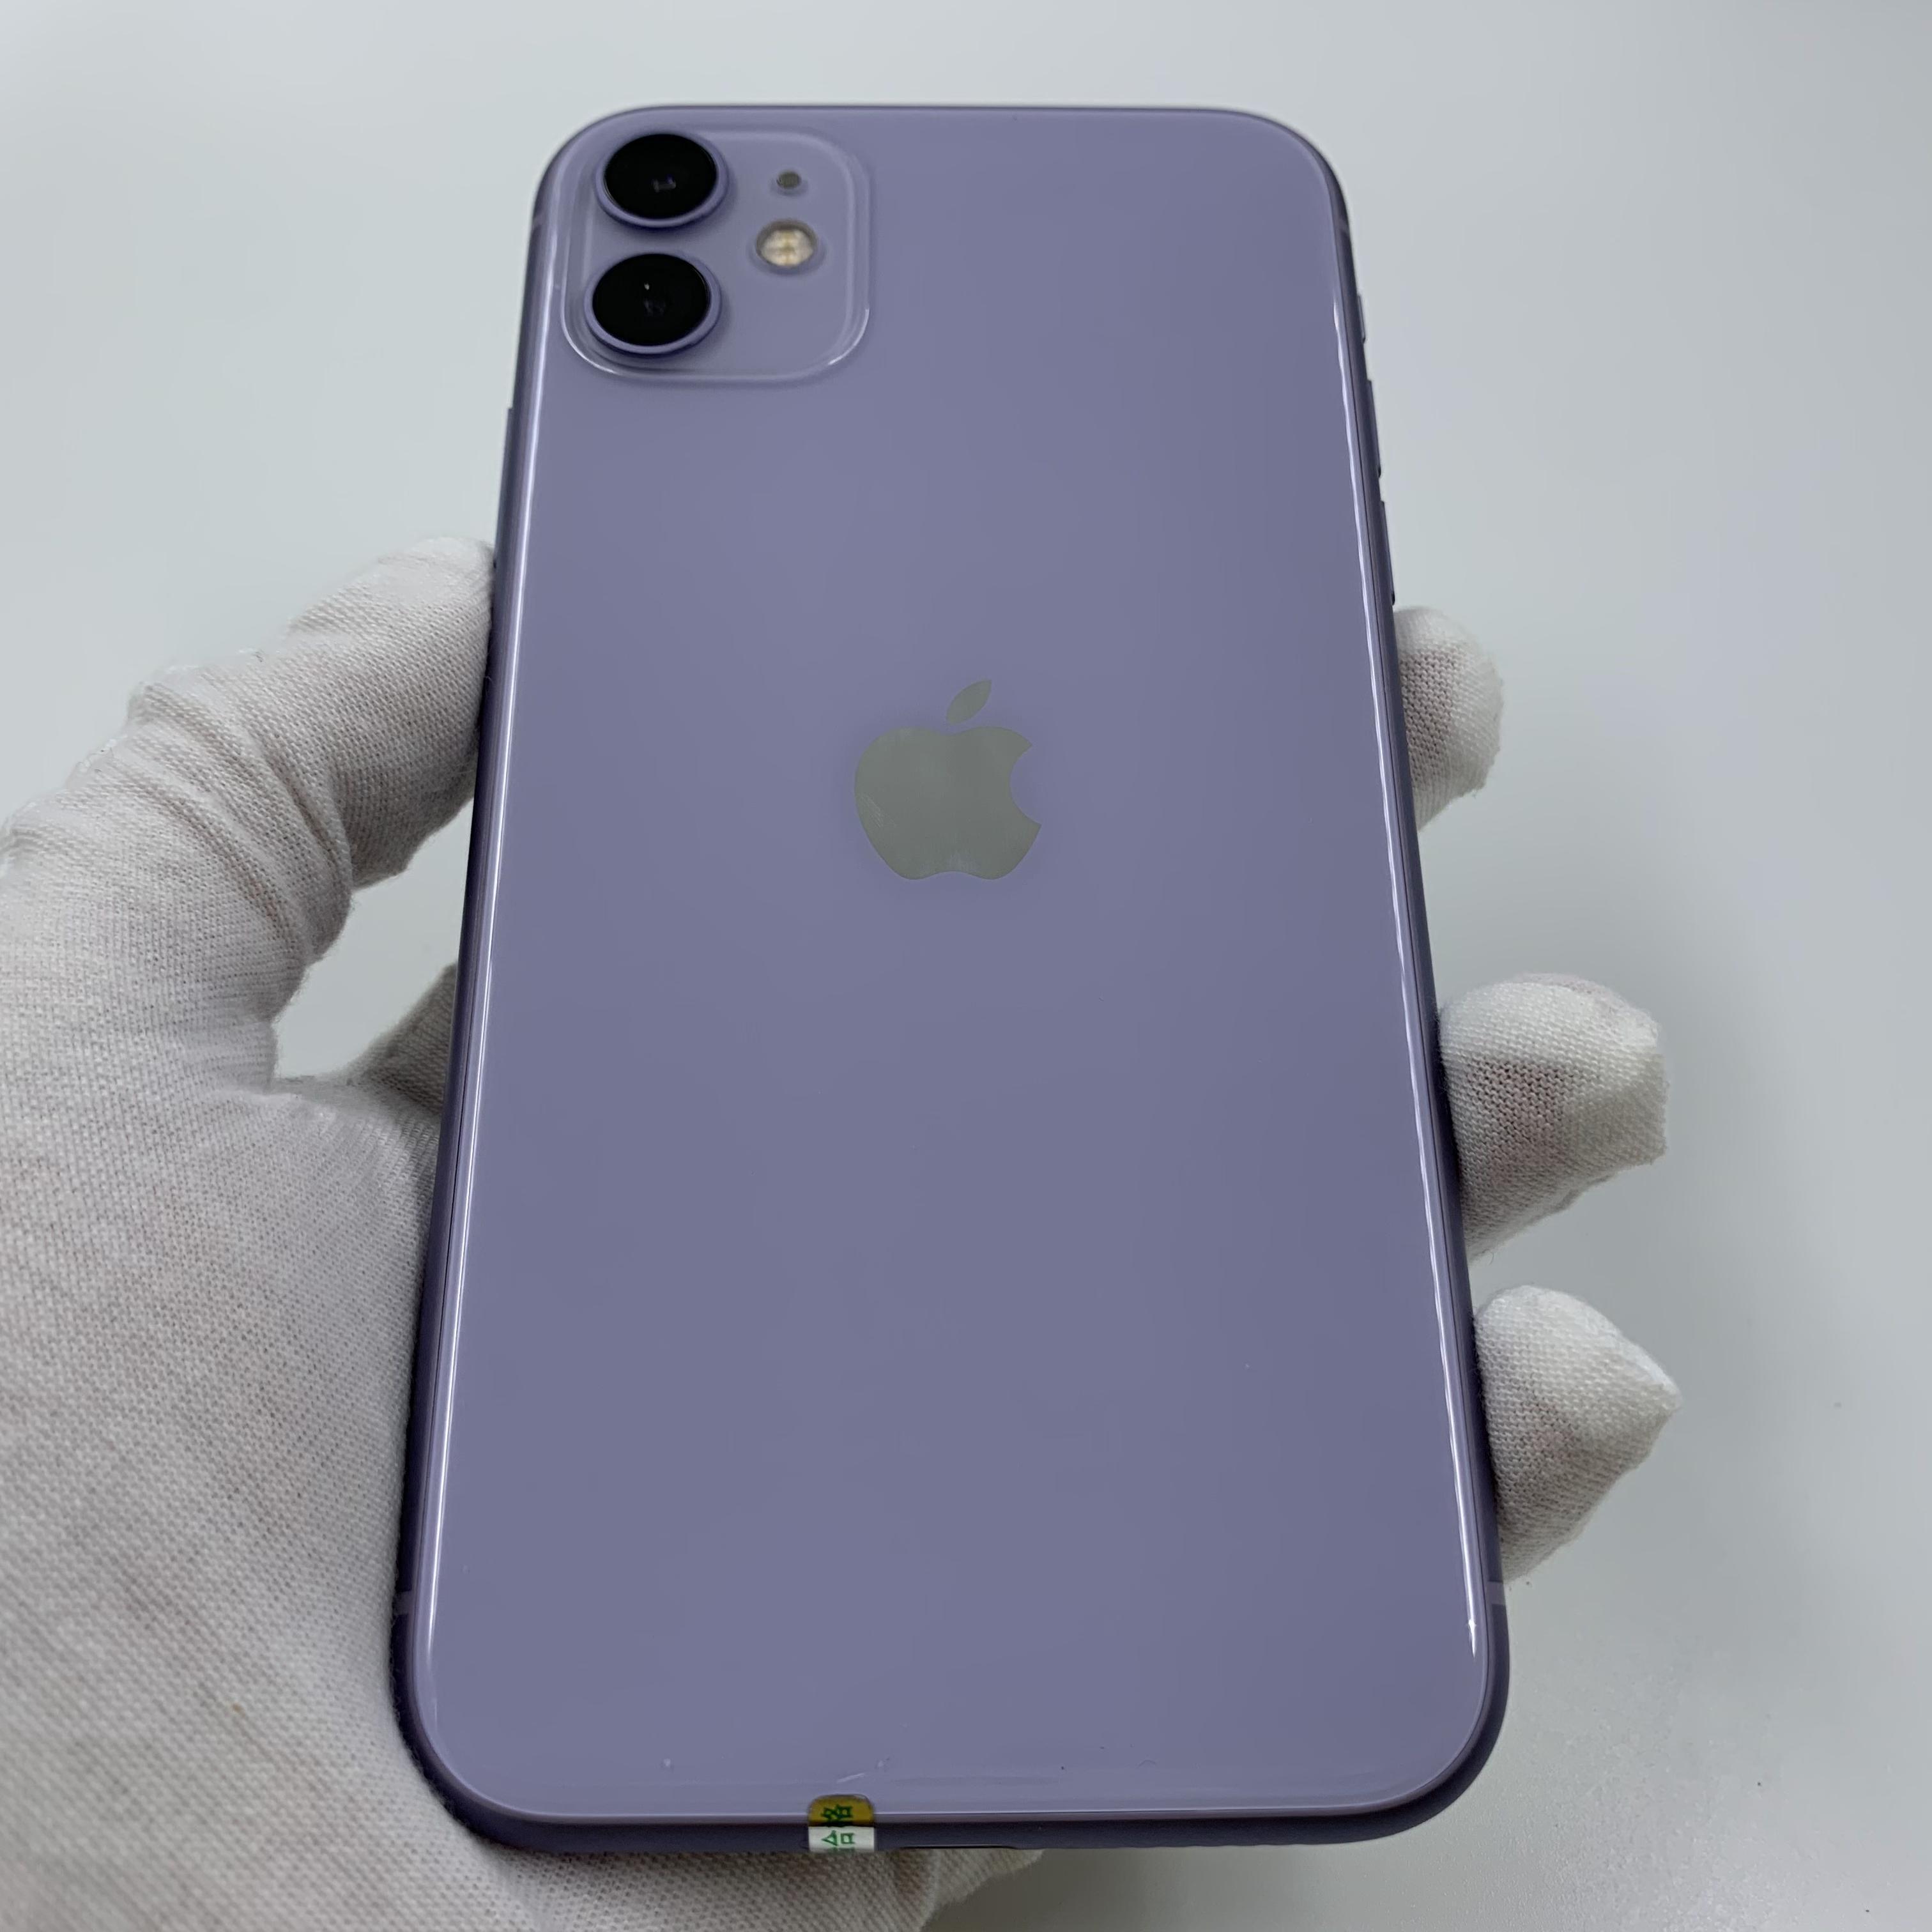 苹果【iPhone 11】4G全网通 紫色 128G 国行 99新 真机实拍官保2021-09-04